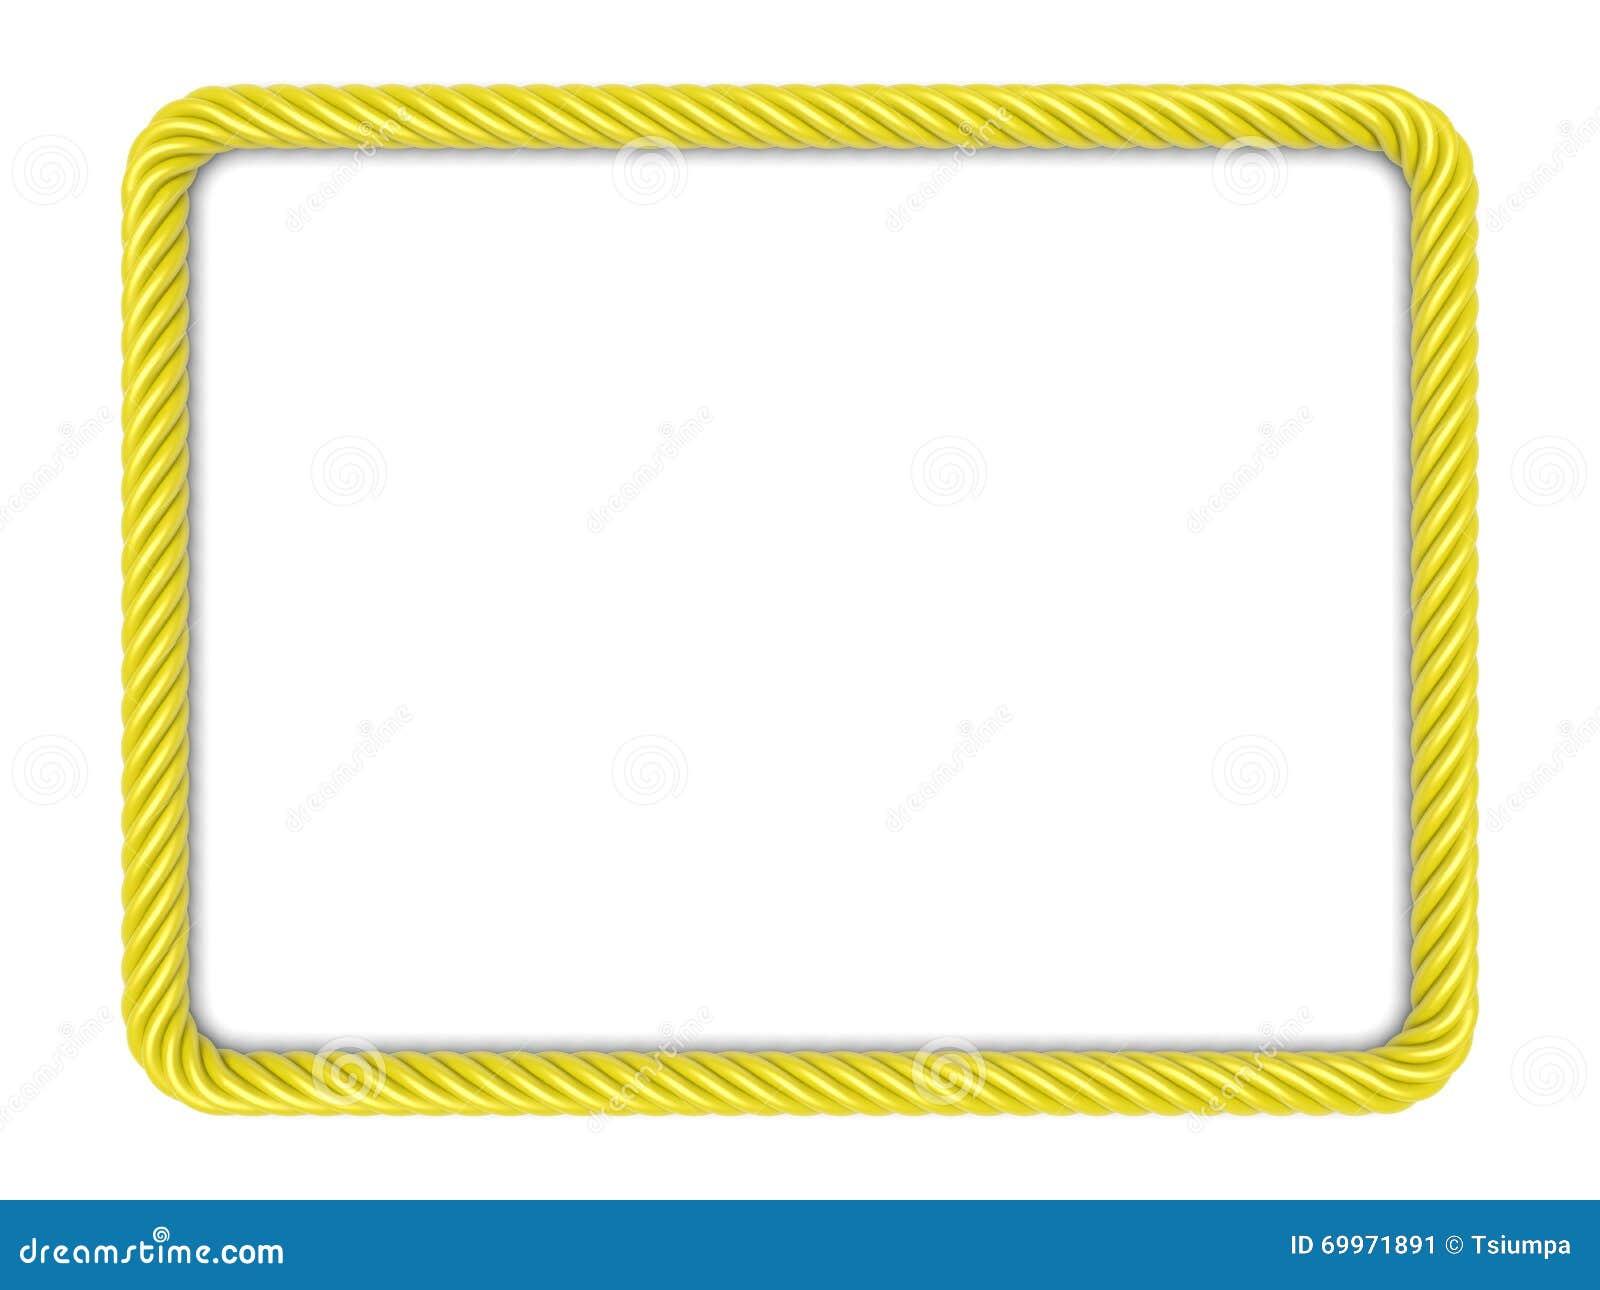 белый фон желтые тюльпаны картинки фото обои для